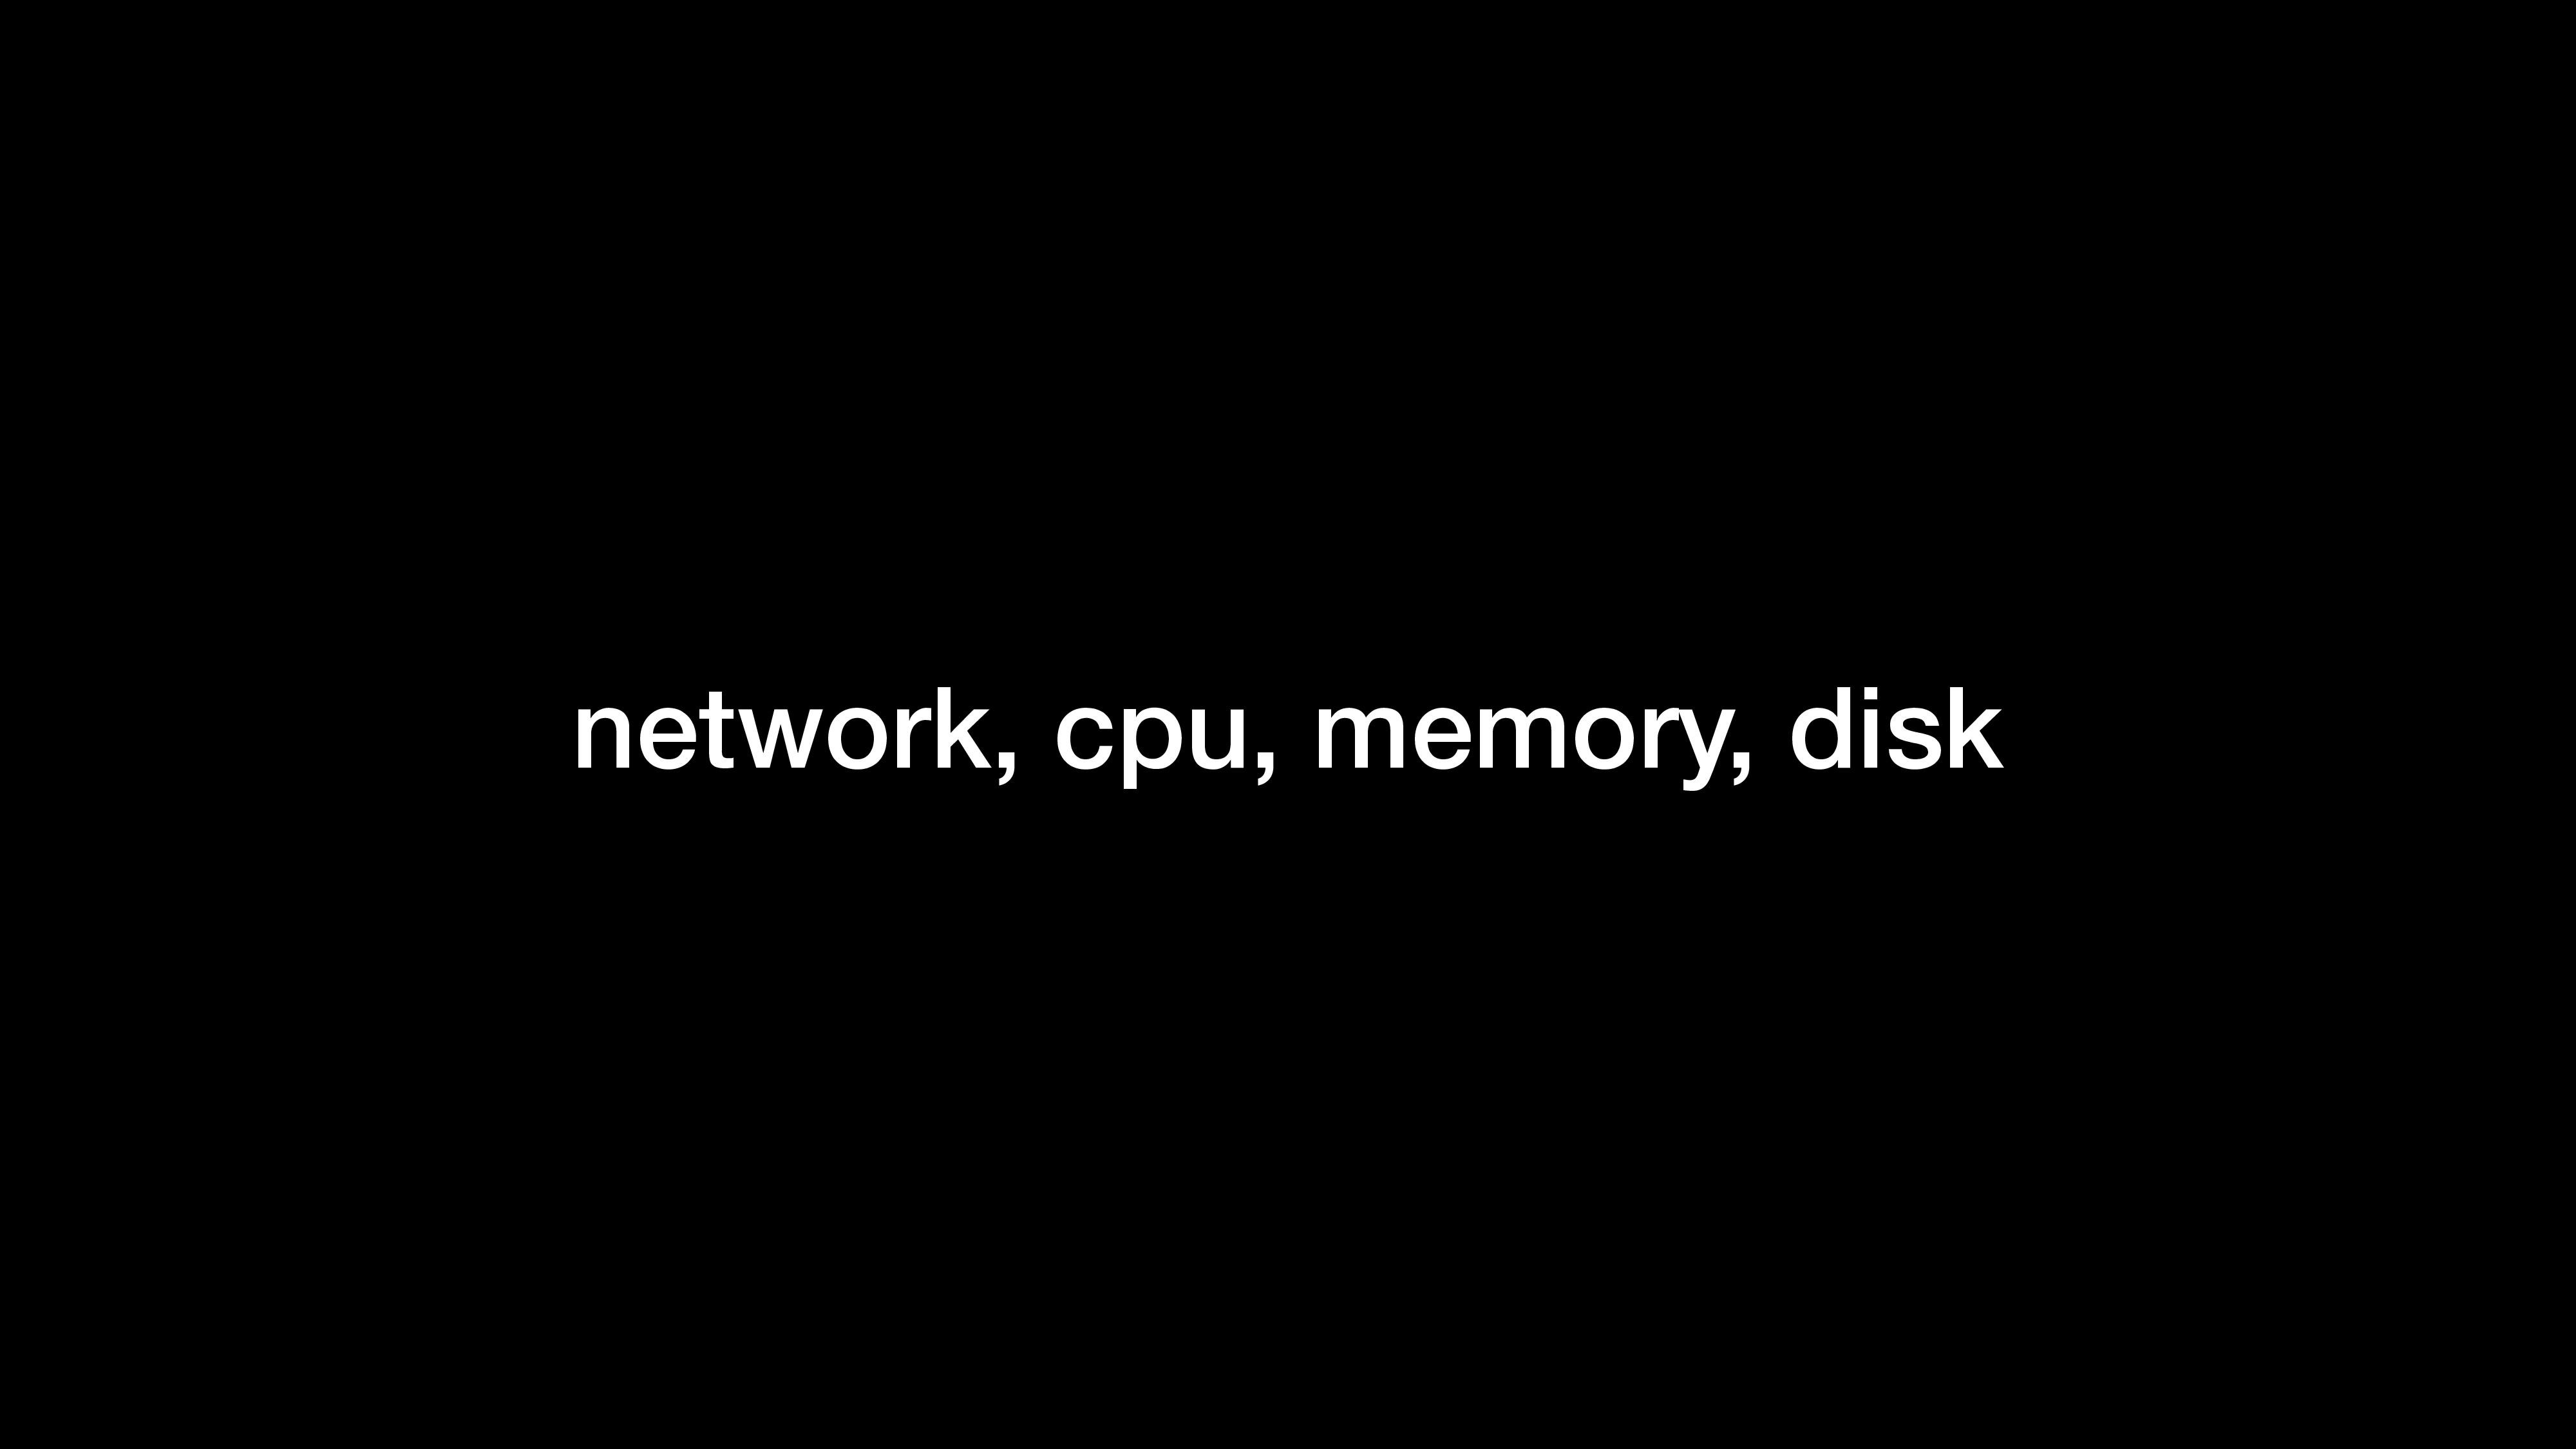 network, cpu, memory, disk